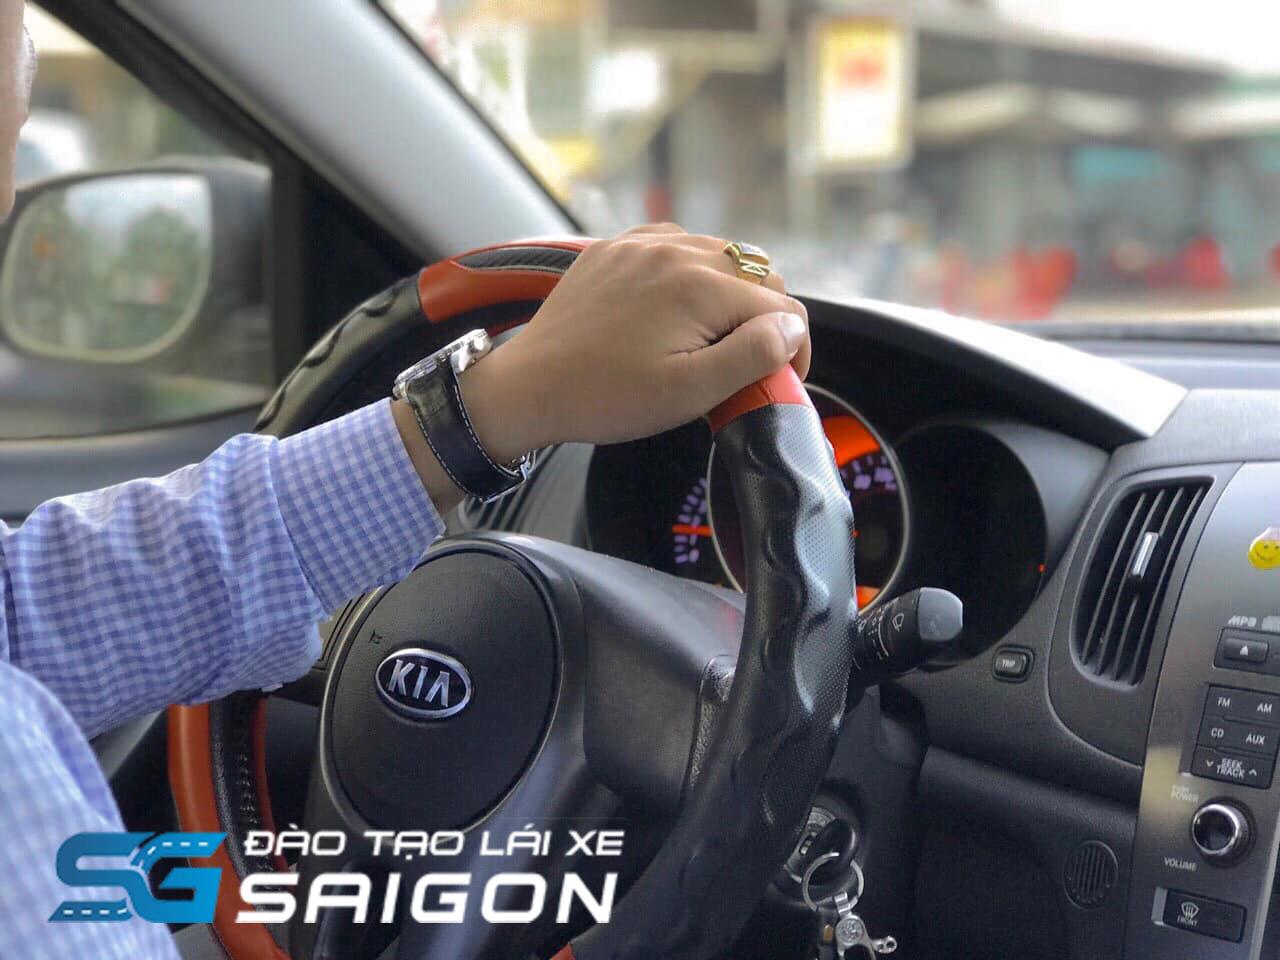 Hiện nay, phương tiện lưu thông trên đường tại Việt Nam ta chủ yếu nhất phải kể đến các loại xe 4, 5, 7 chỗ và xe khách. Do đó, số lượng tài xế học lái xe B2 2021 được ghi nhận rất nhiều.